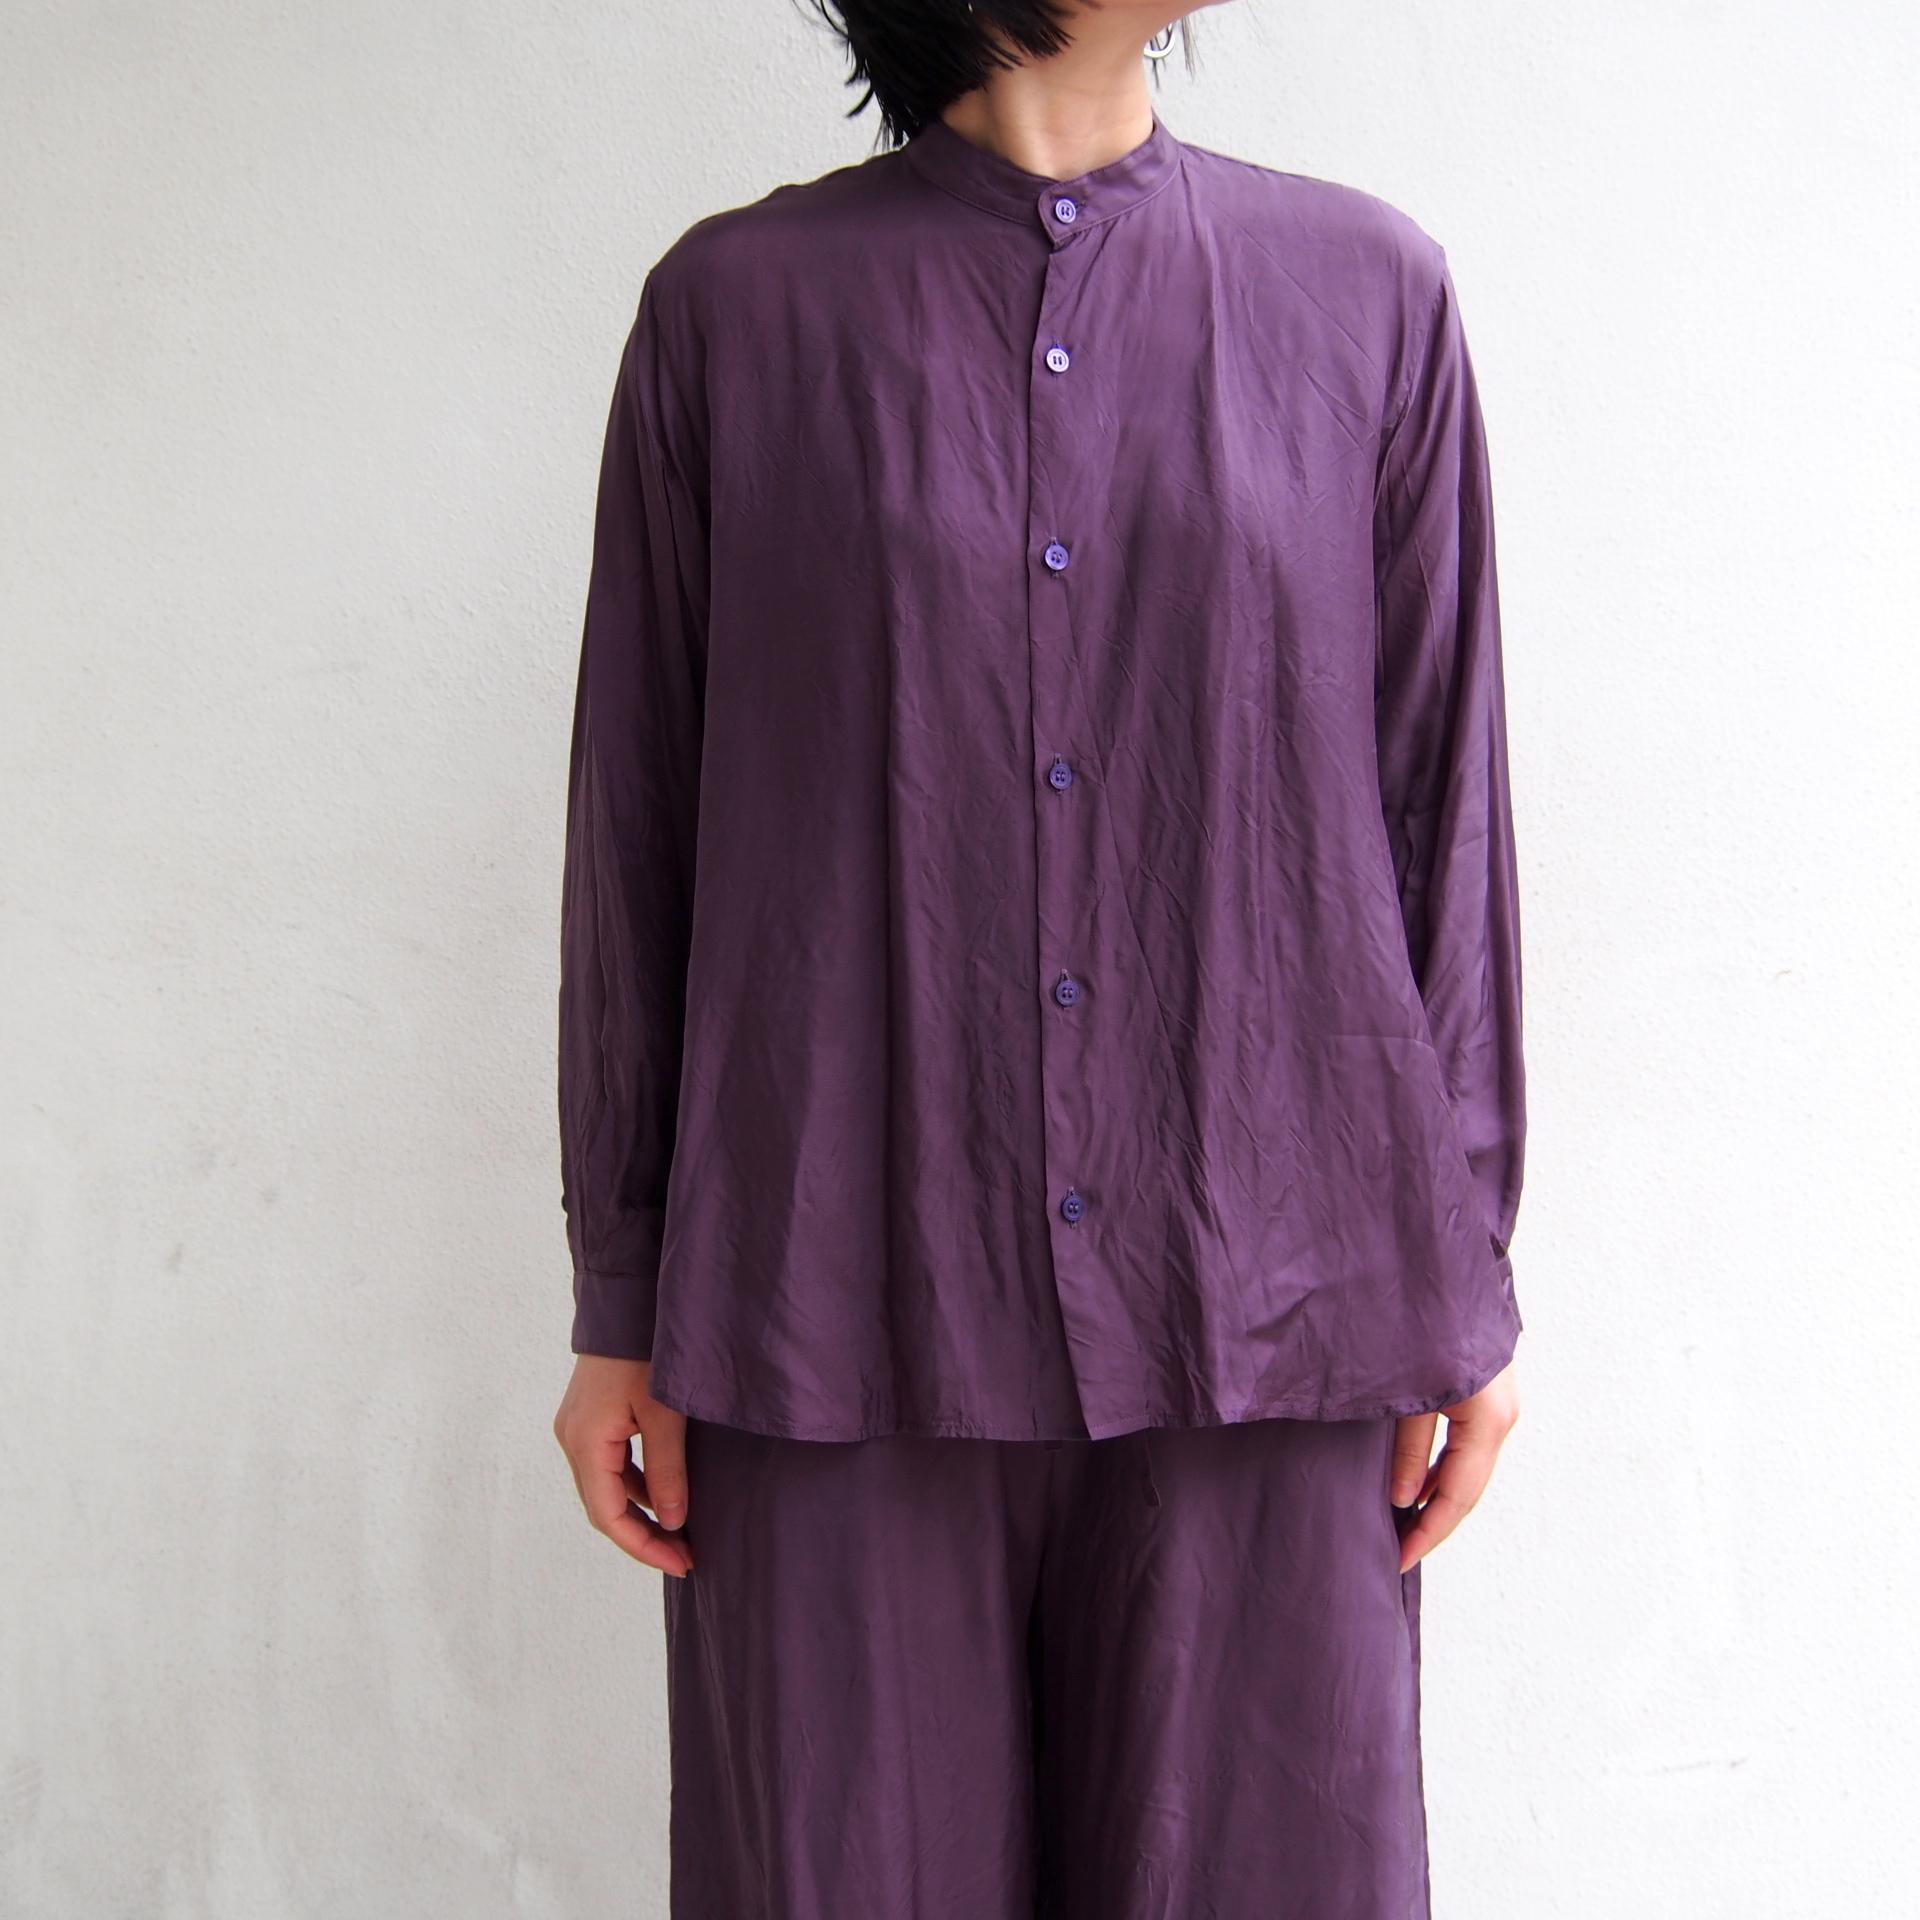 【hippiness】cupro A line shirt (122purple)/【ヒッピネス】キュプラ Aライン シャツ(122パープル)